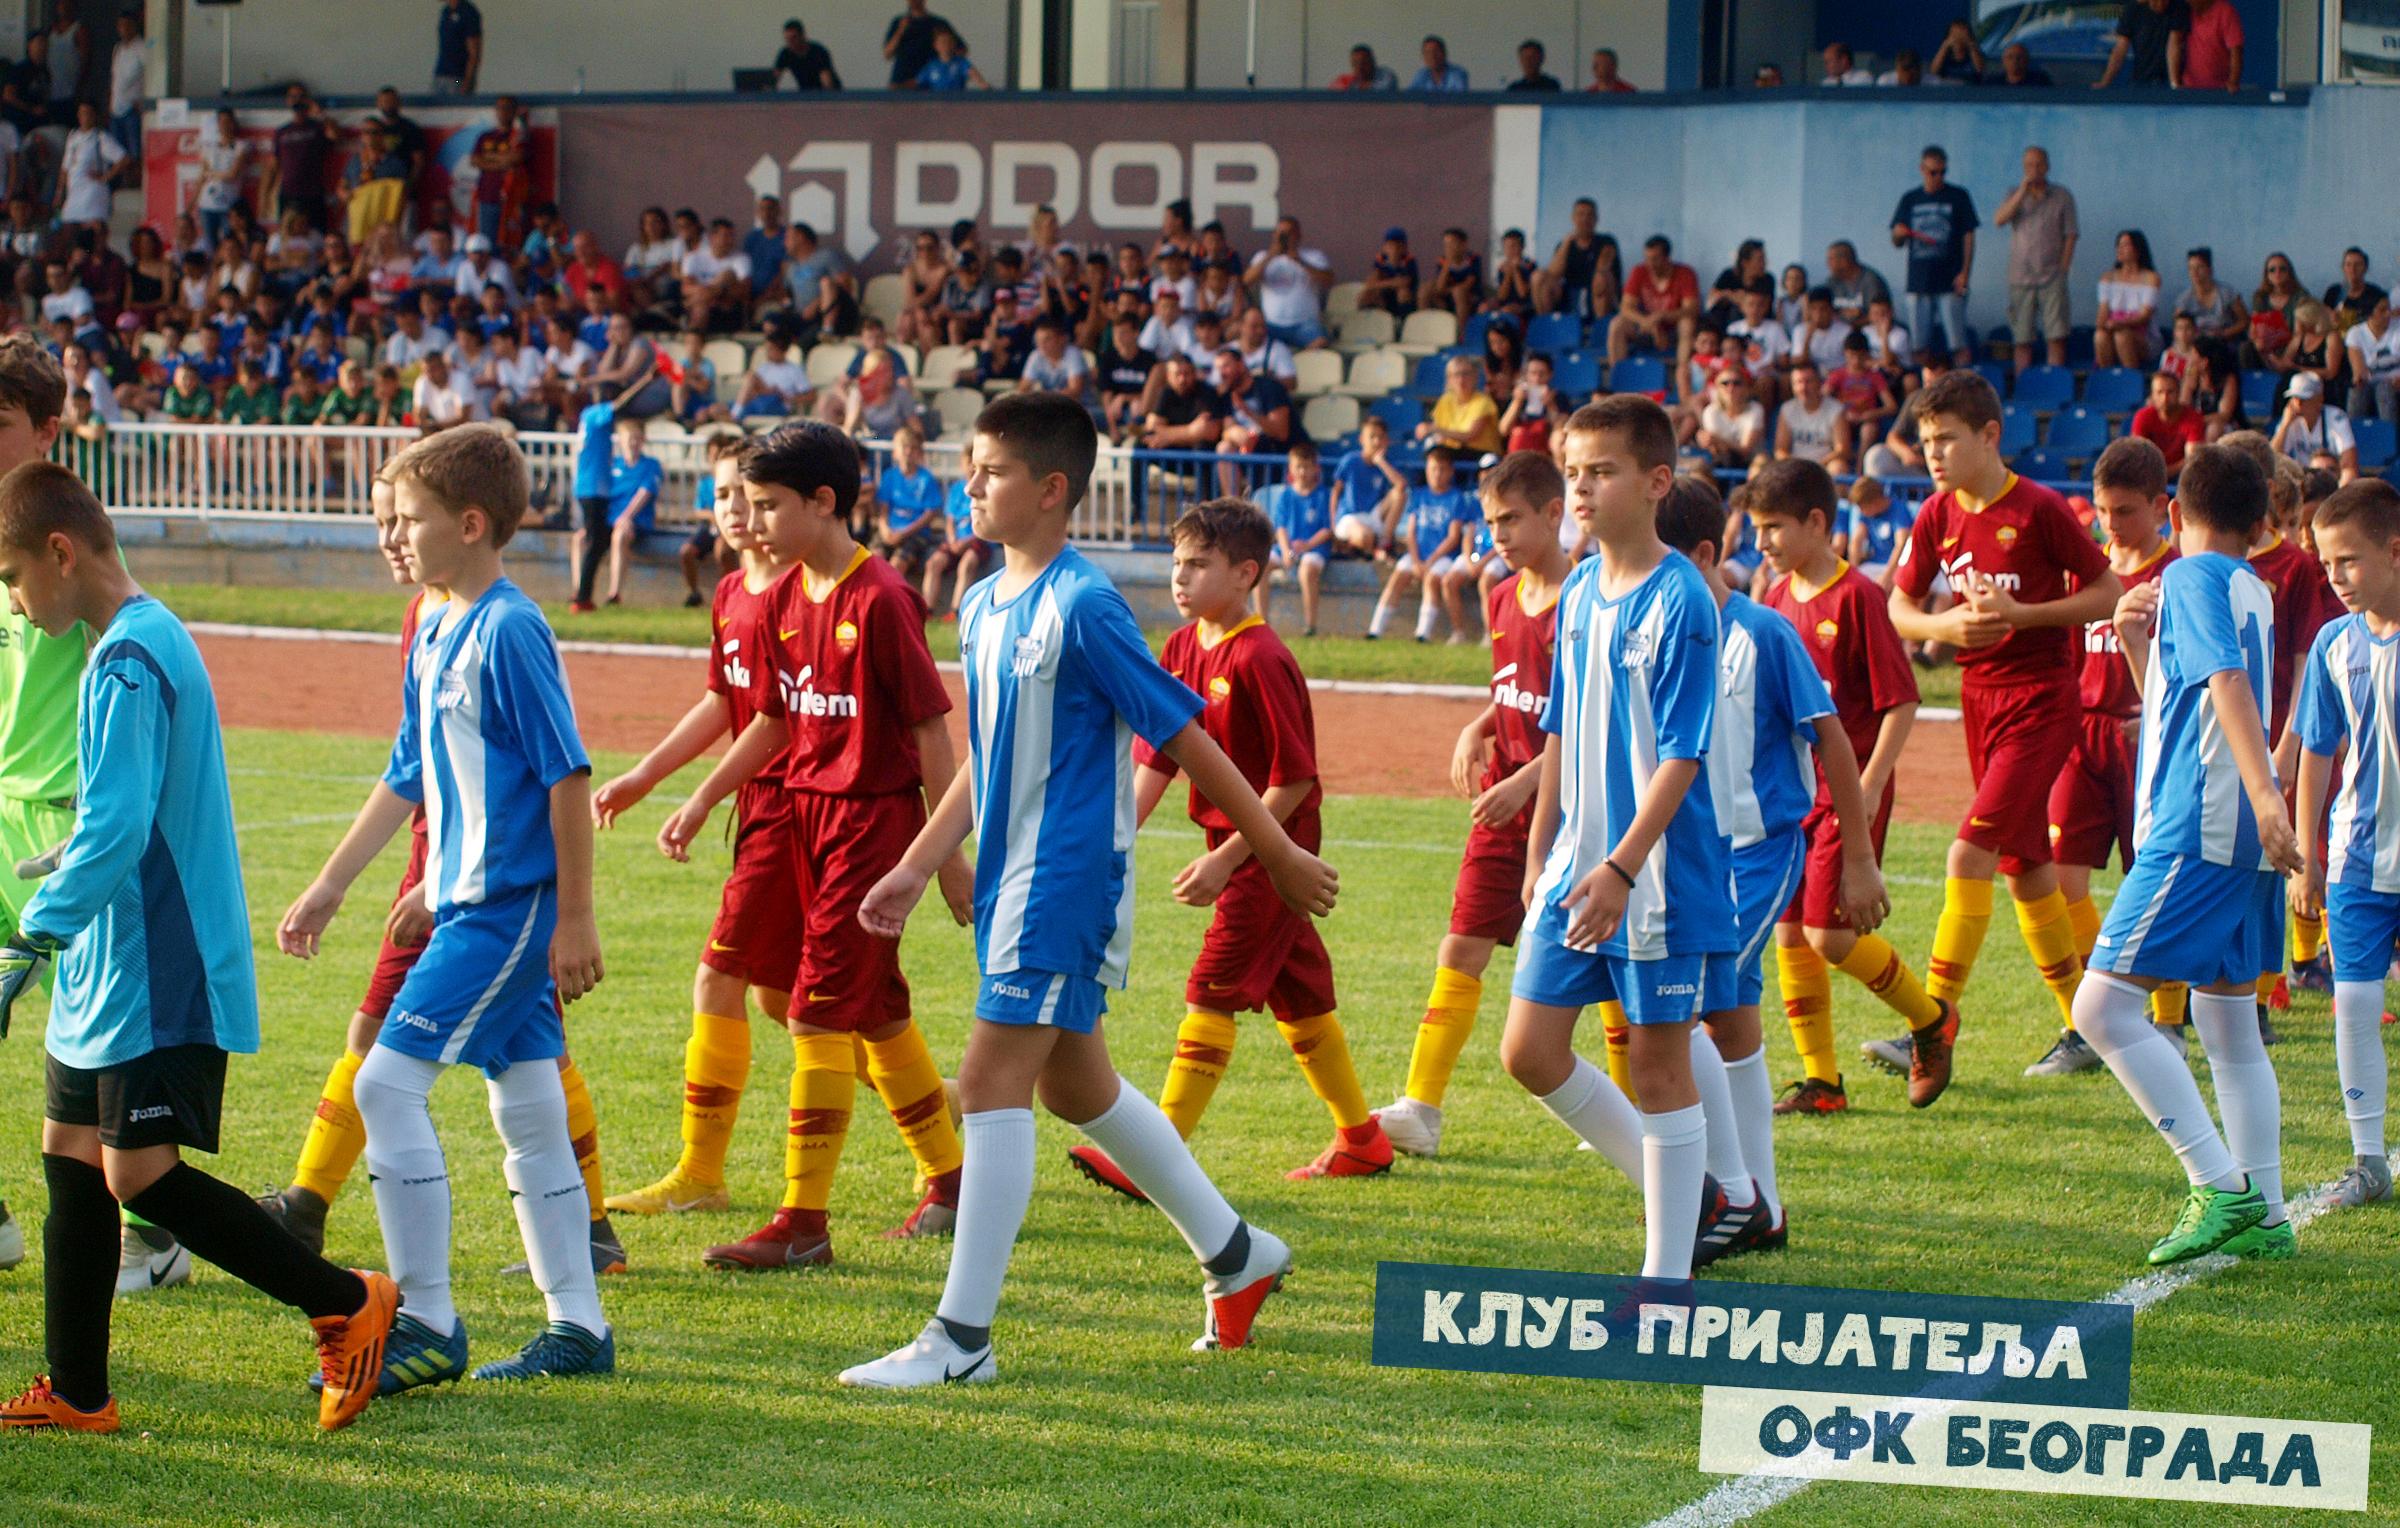 Отворен турнир на Омладинцу. ОФК Београд – Рома 0:0